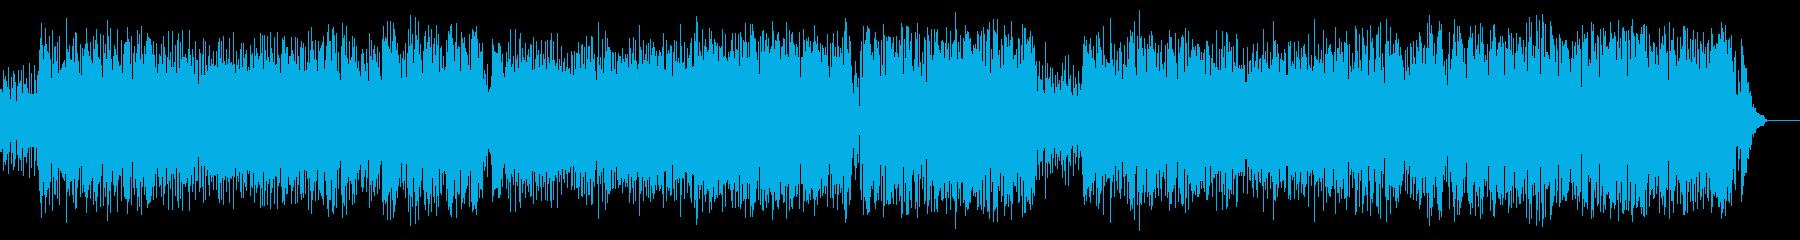 青い海、砂浜、エレキ・サーフミュージックの再生済みの波形